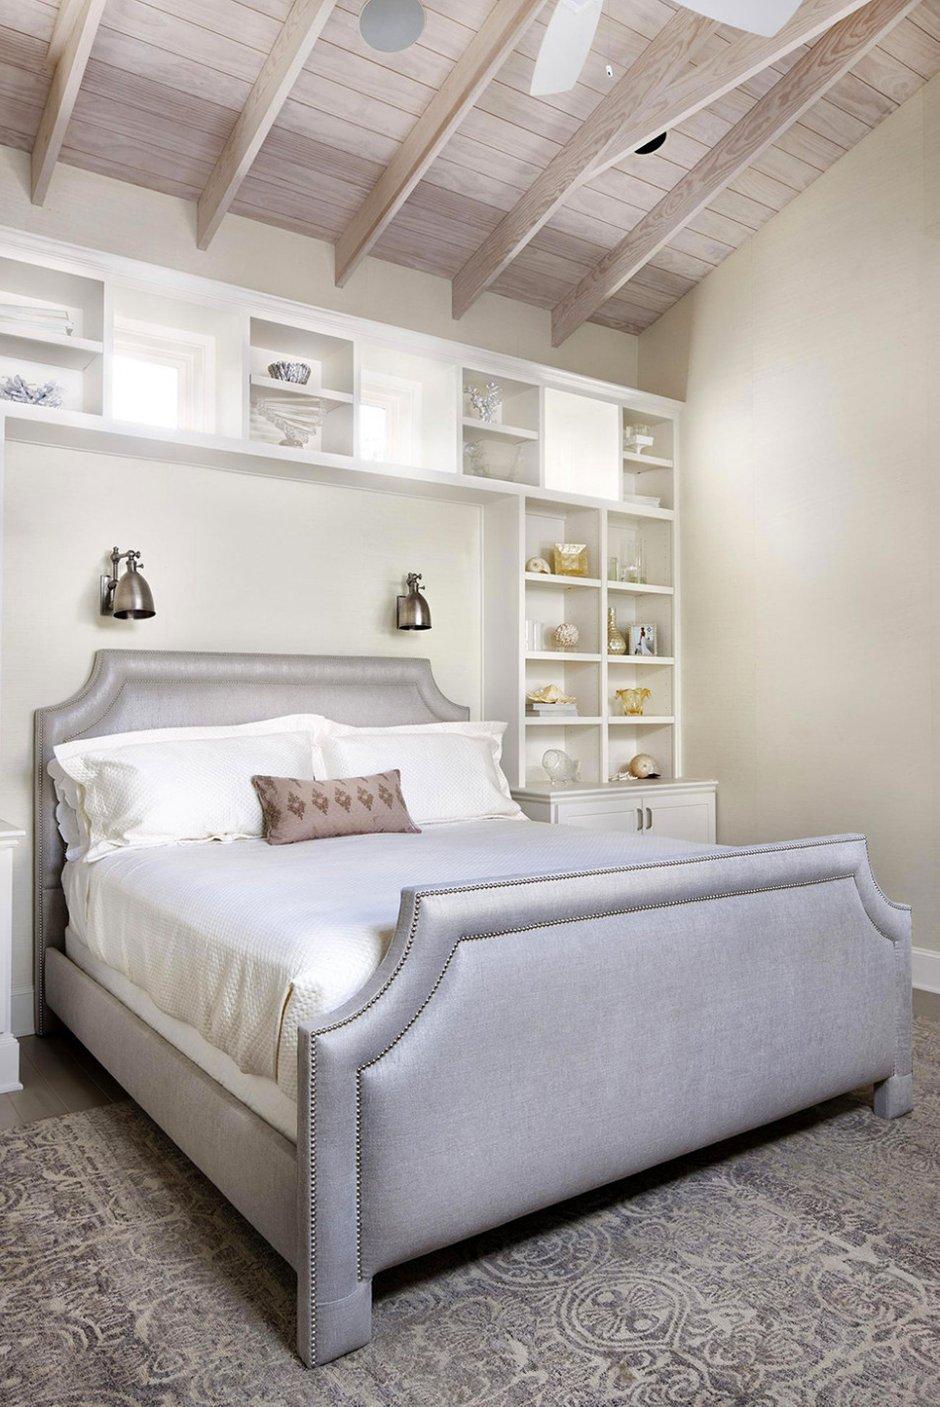 Фотография: Спальня в стиле Прованс и Кантри, Современный, Классический, Дом, Дома и квартиры, Шебби-шик, Индустриальный, Техас – фото на INMYROOM